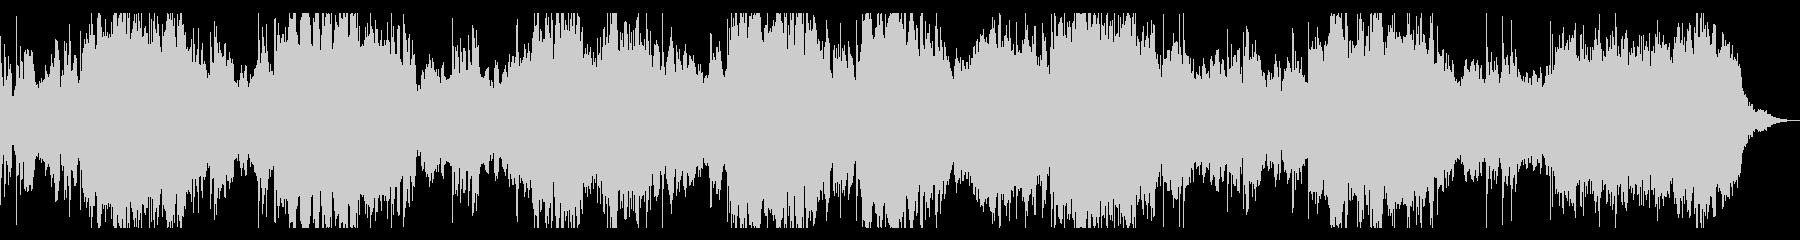 ベース入りミステリアス、ダークなBGMの未再生の波形